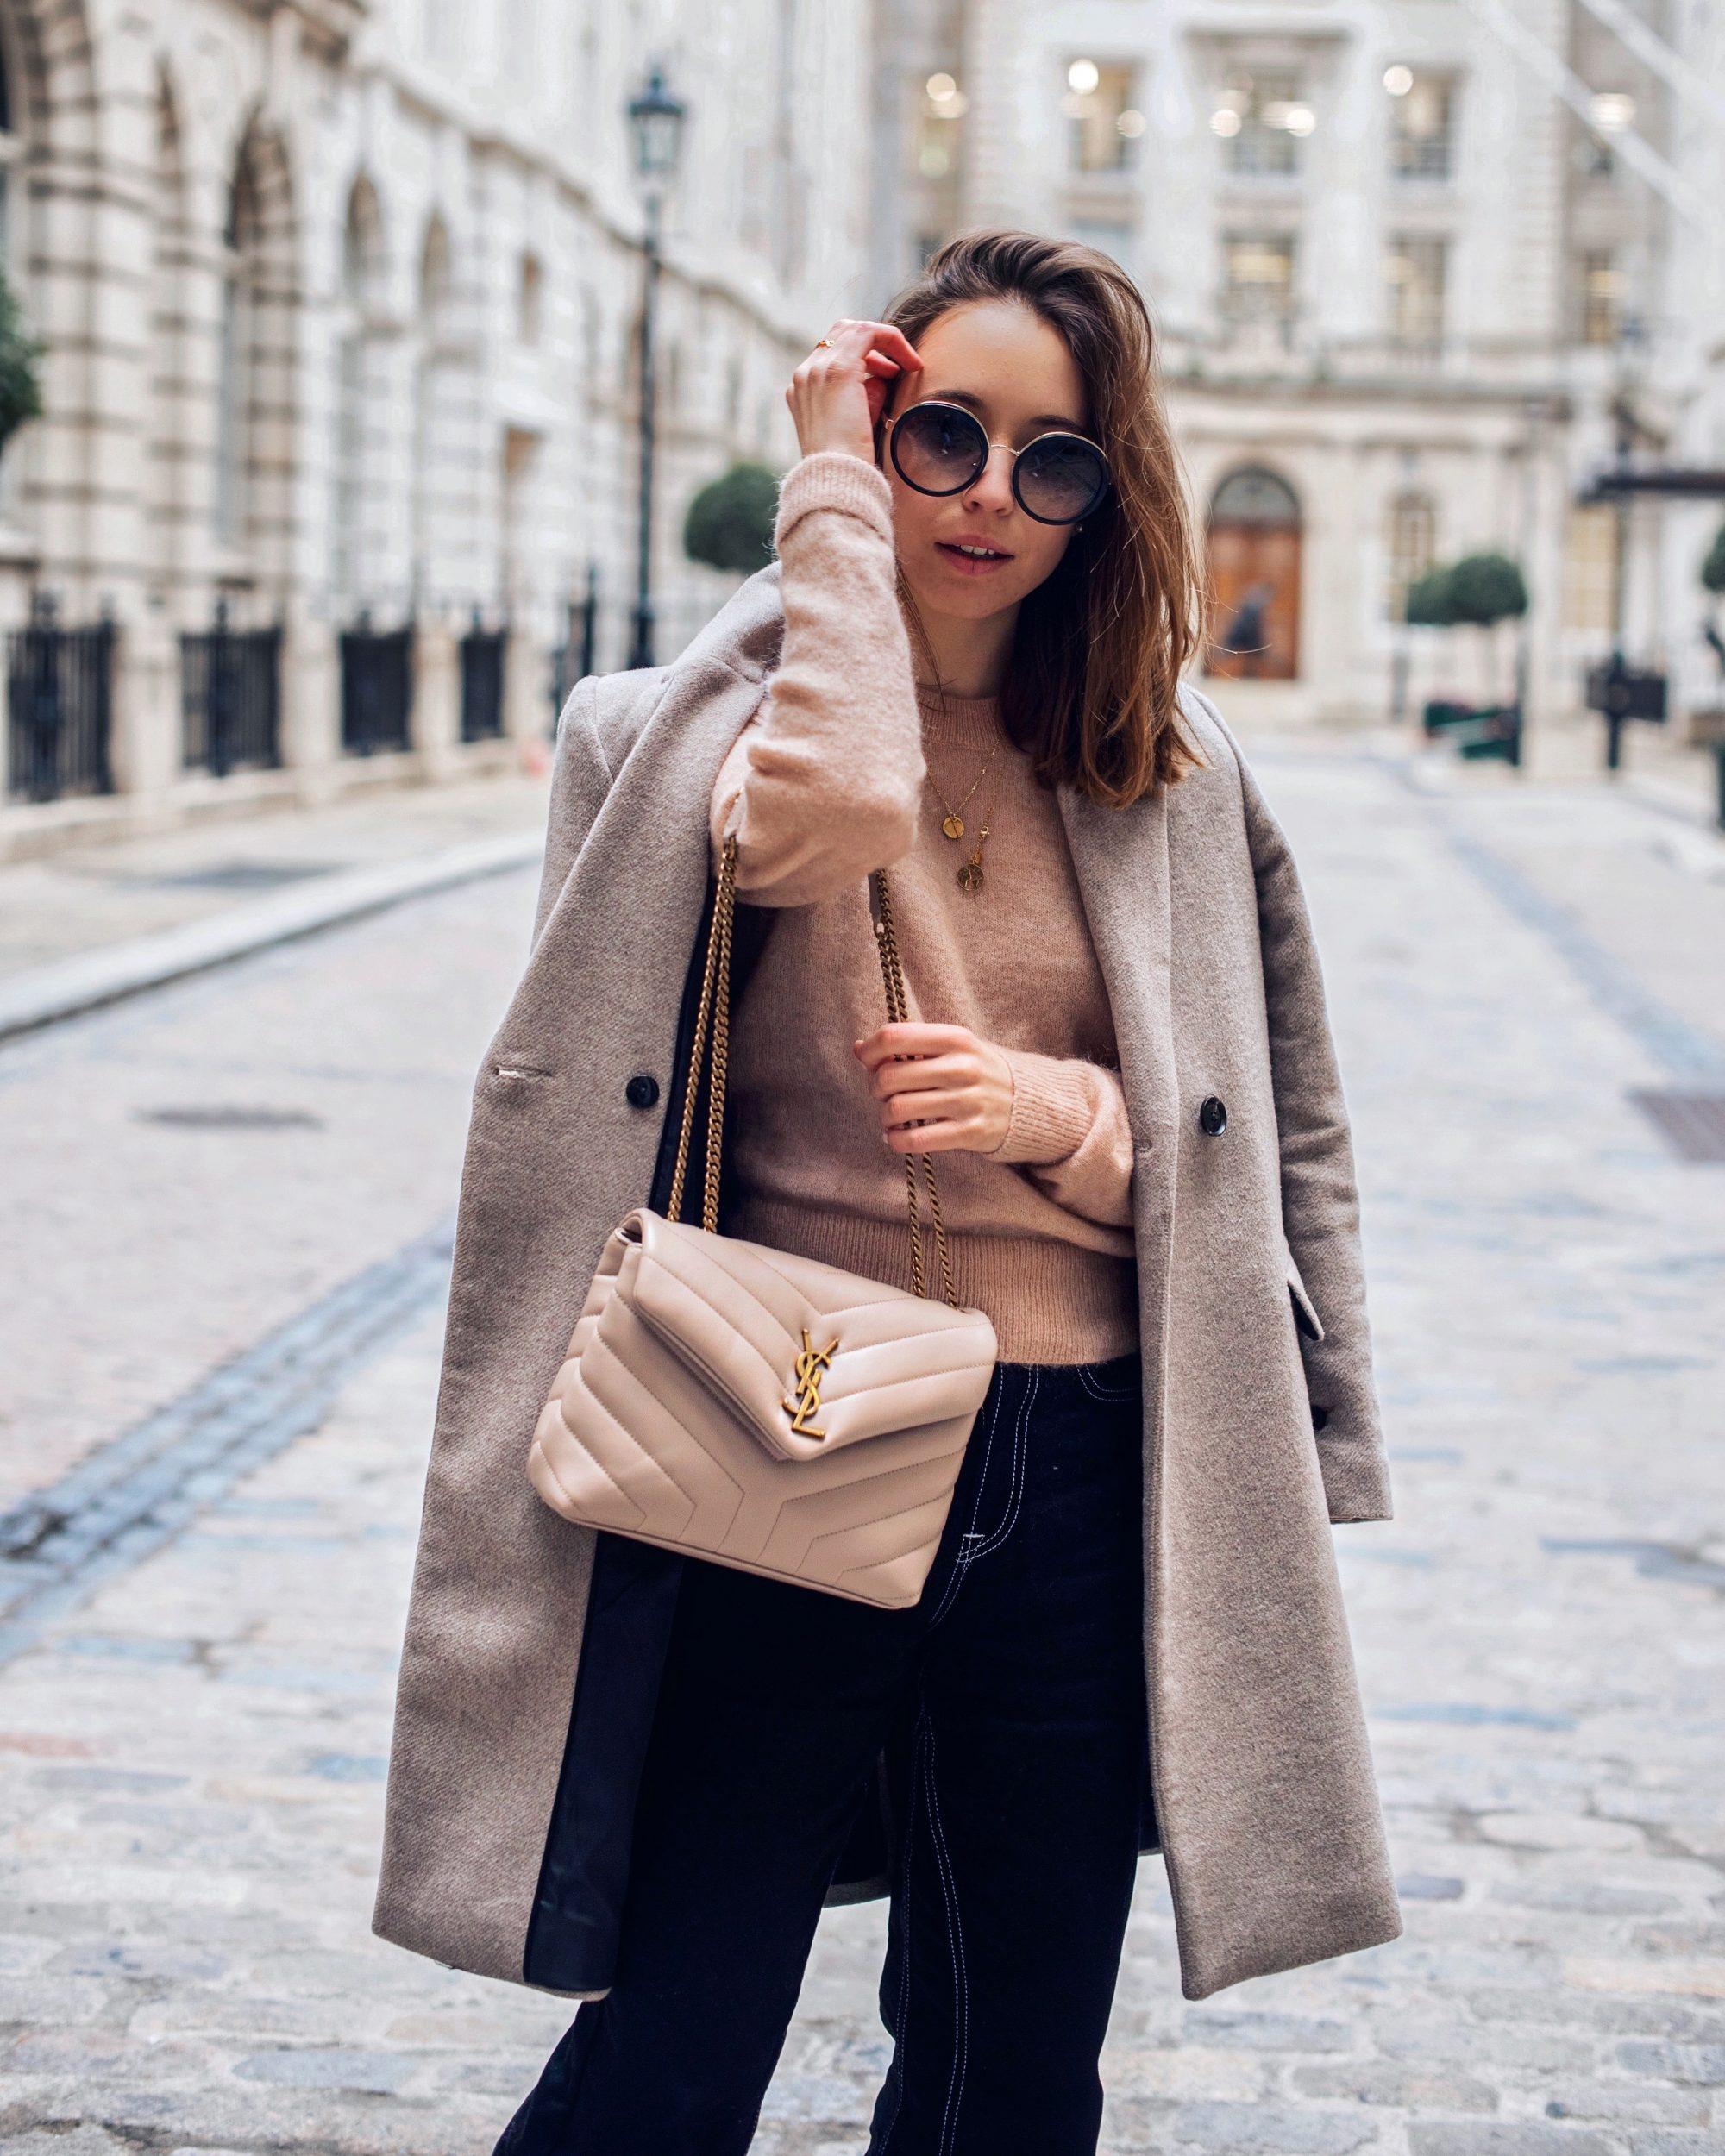 Jacken und Mäntel für den Frühling: Diese fünf Modelle dürfen in keinem Schrank fehlen